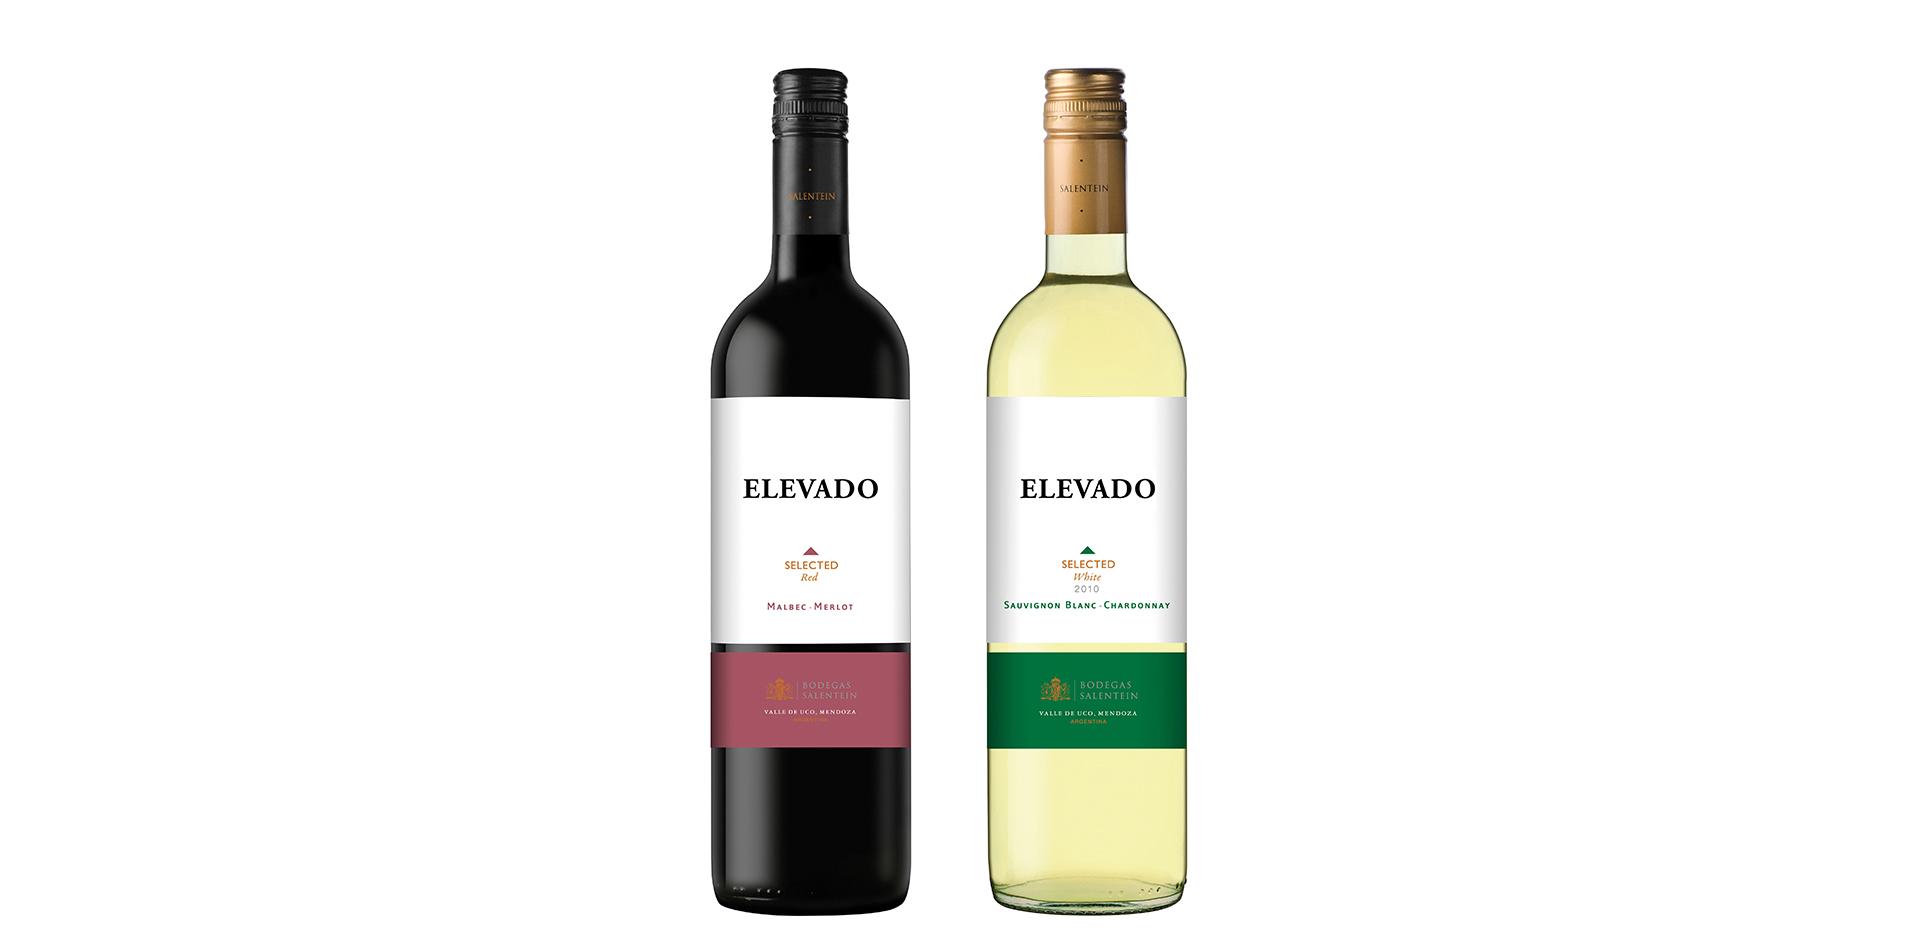 nectar-utrecht-wijnen-producent-argentinië-salentein-elevado-foto01